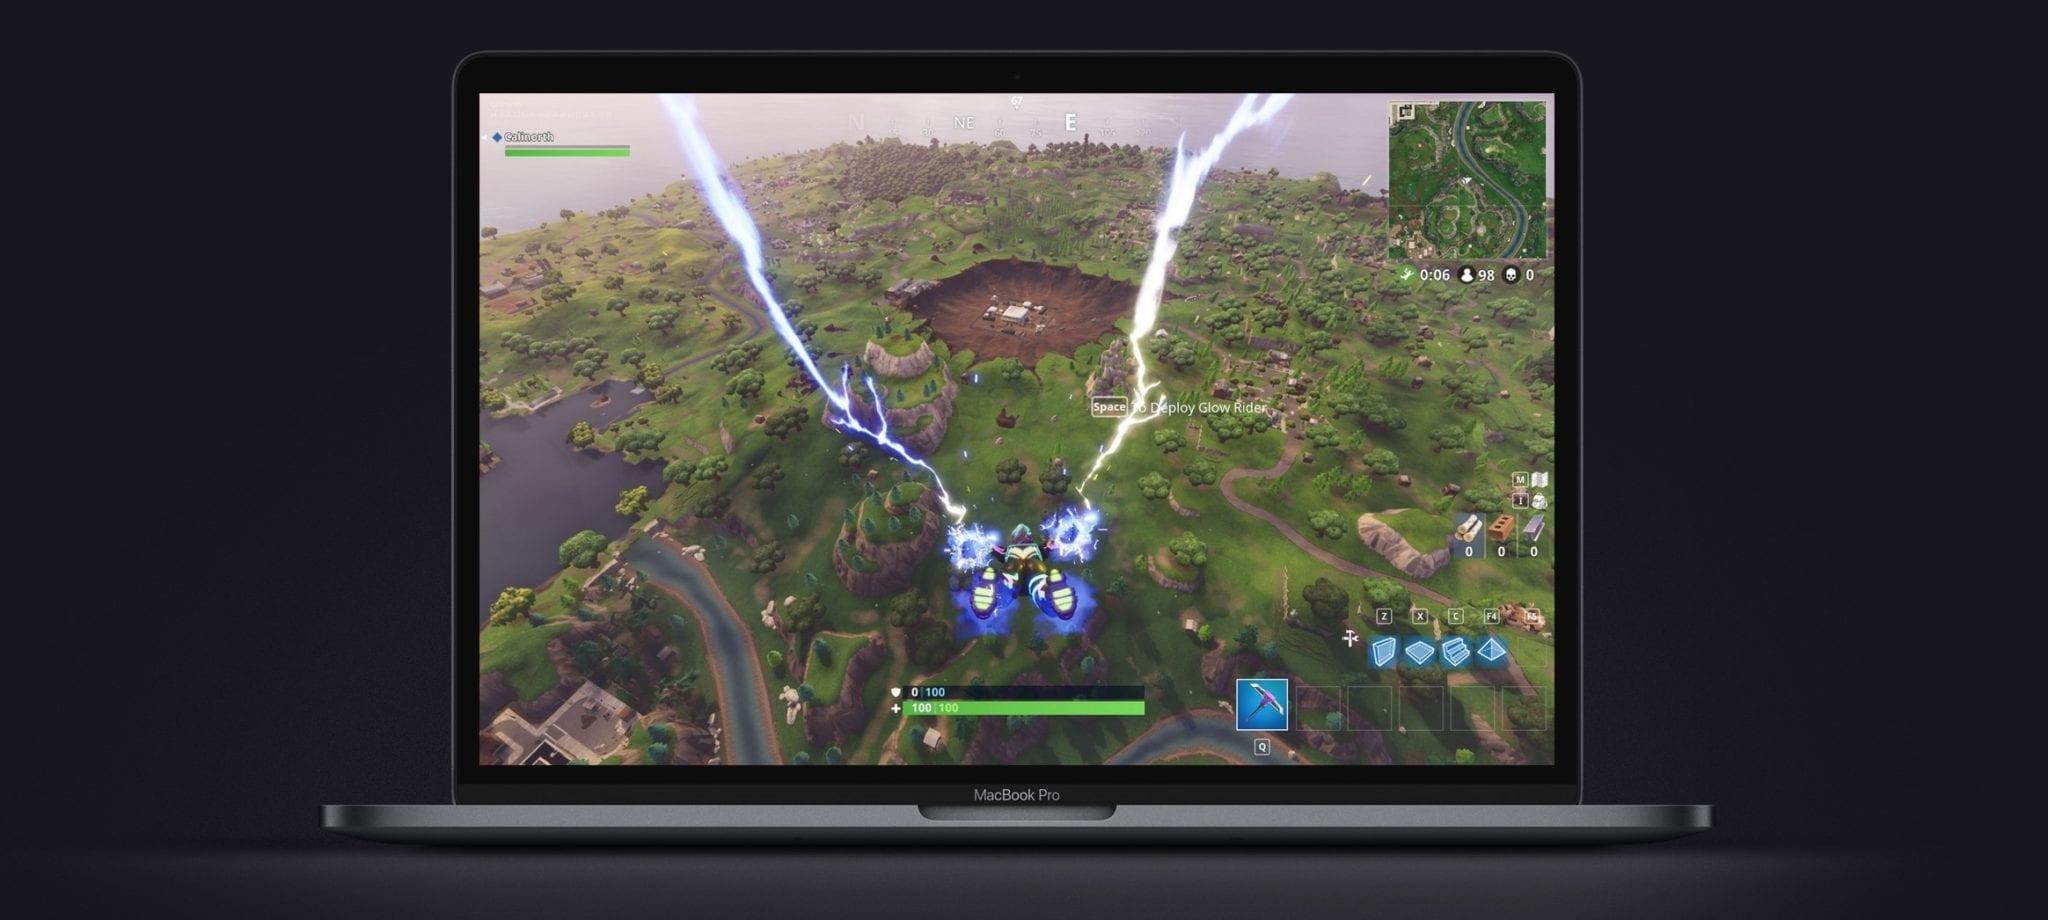 macbook pro 2018 gaming - Čo si zahrať na Macu počas karantény (1. časť)